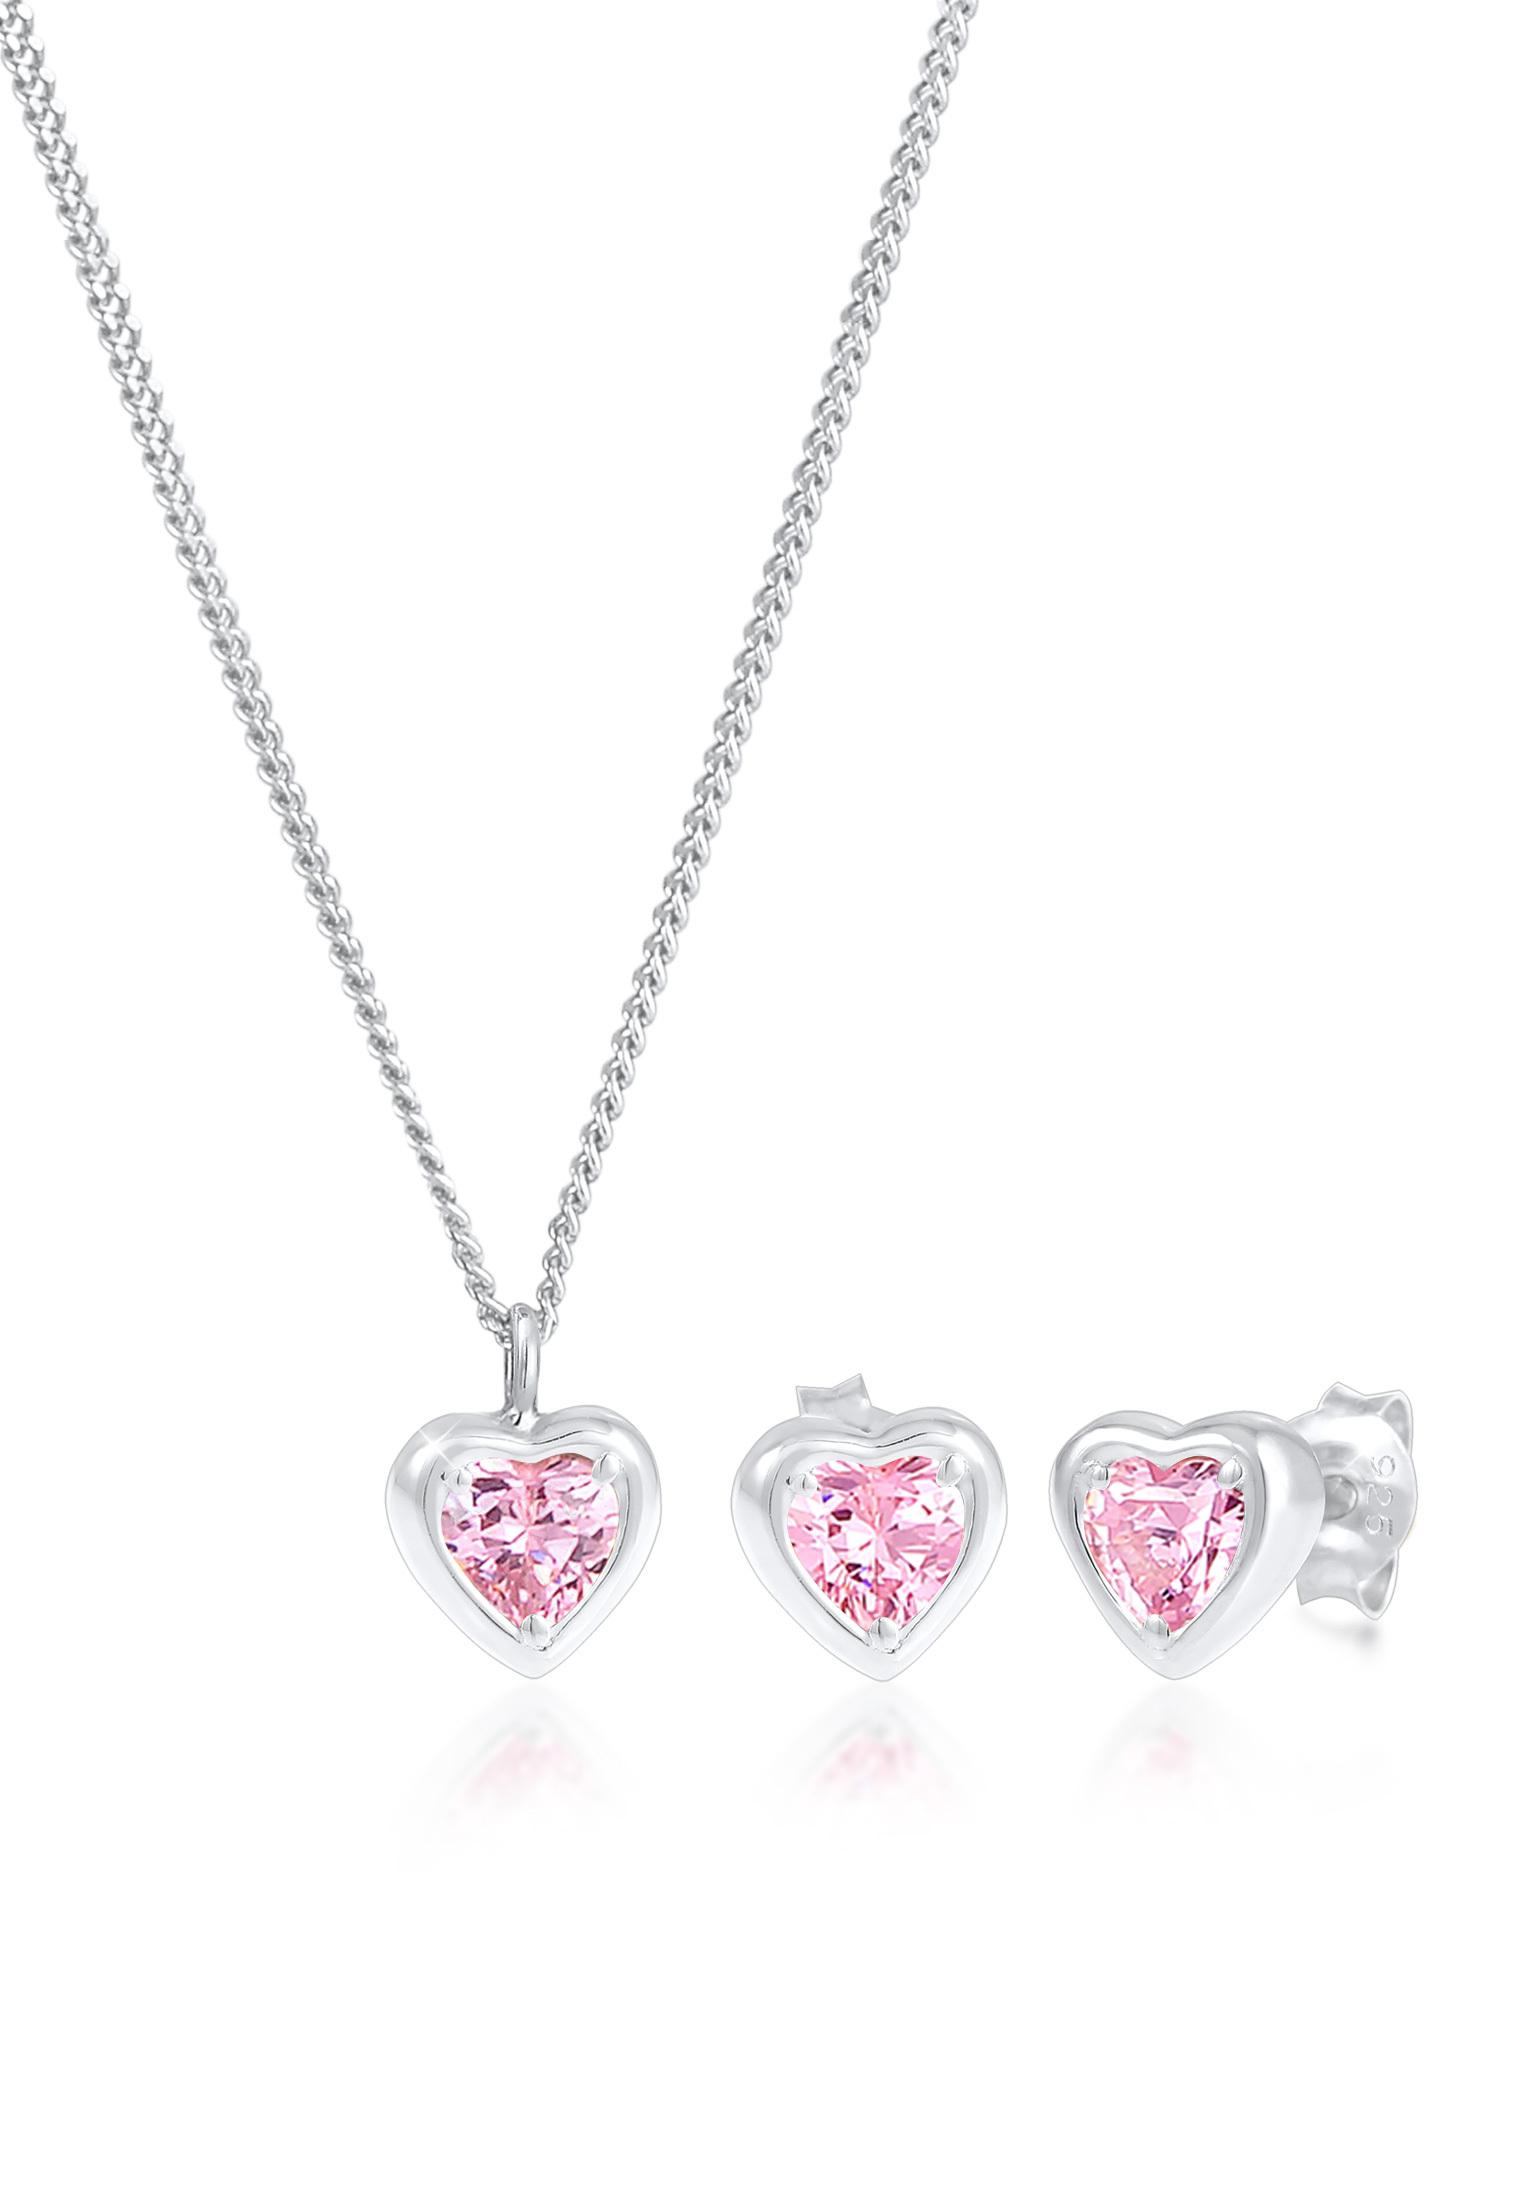 Schmuckset Herz   Zirkonia ( Pink )   925er Sterling Silber